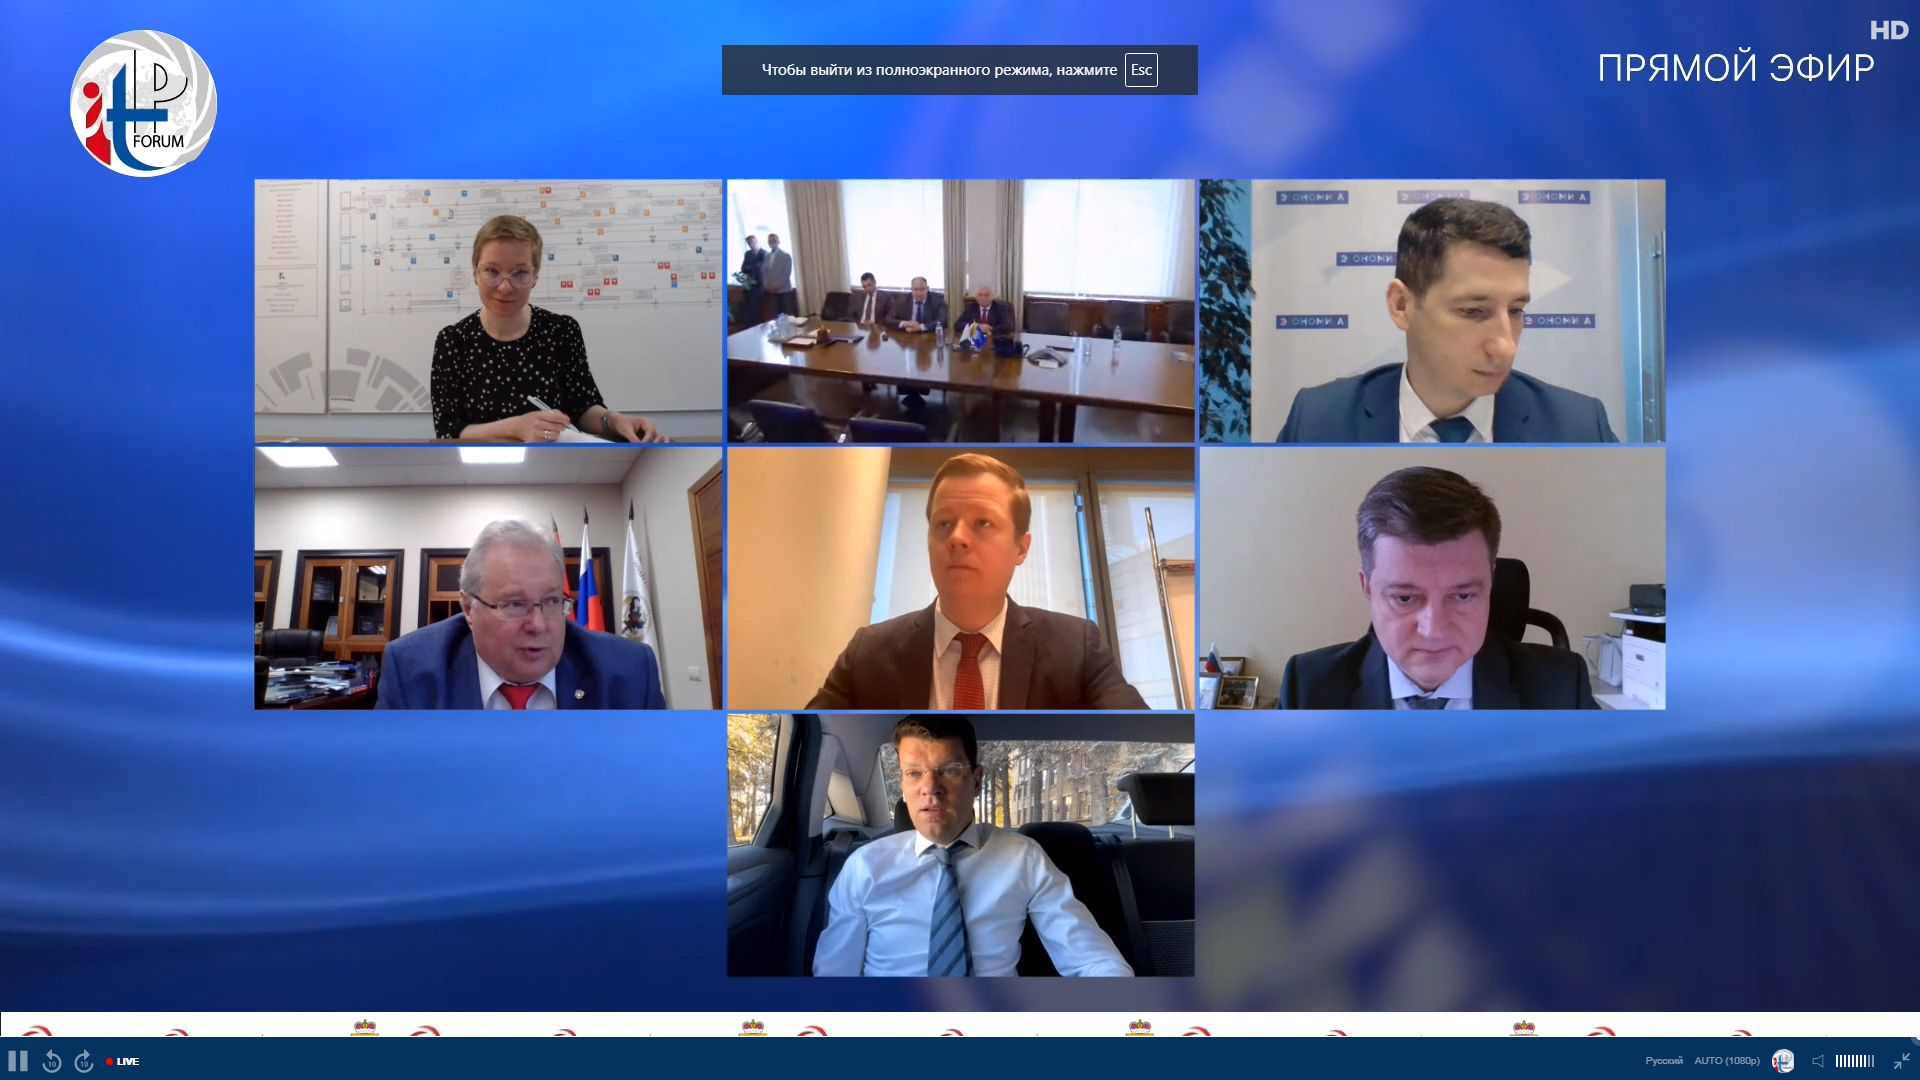 Развитие высокотехнологичных производств обсуждают на международном форуме в Рыбинске